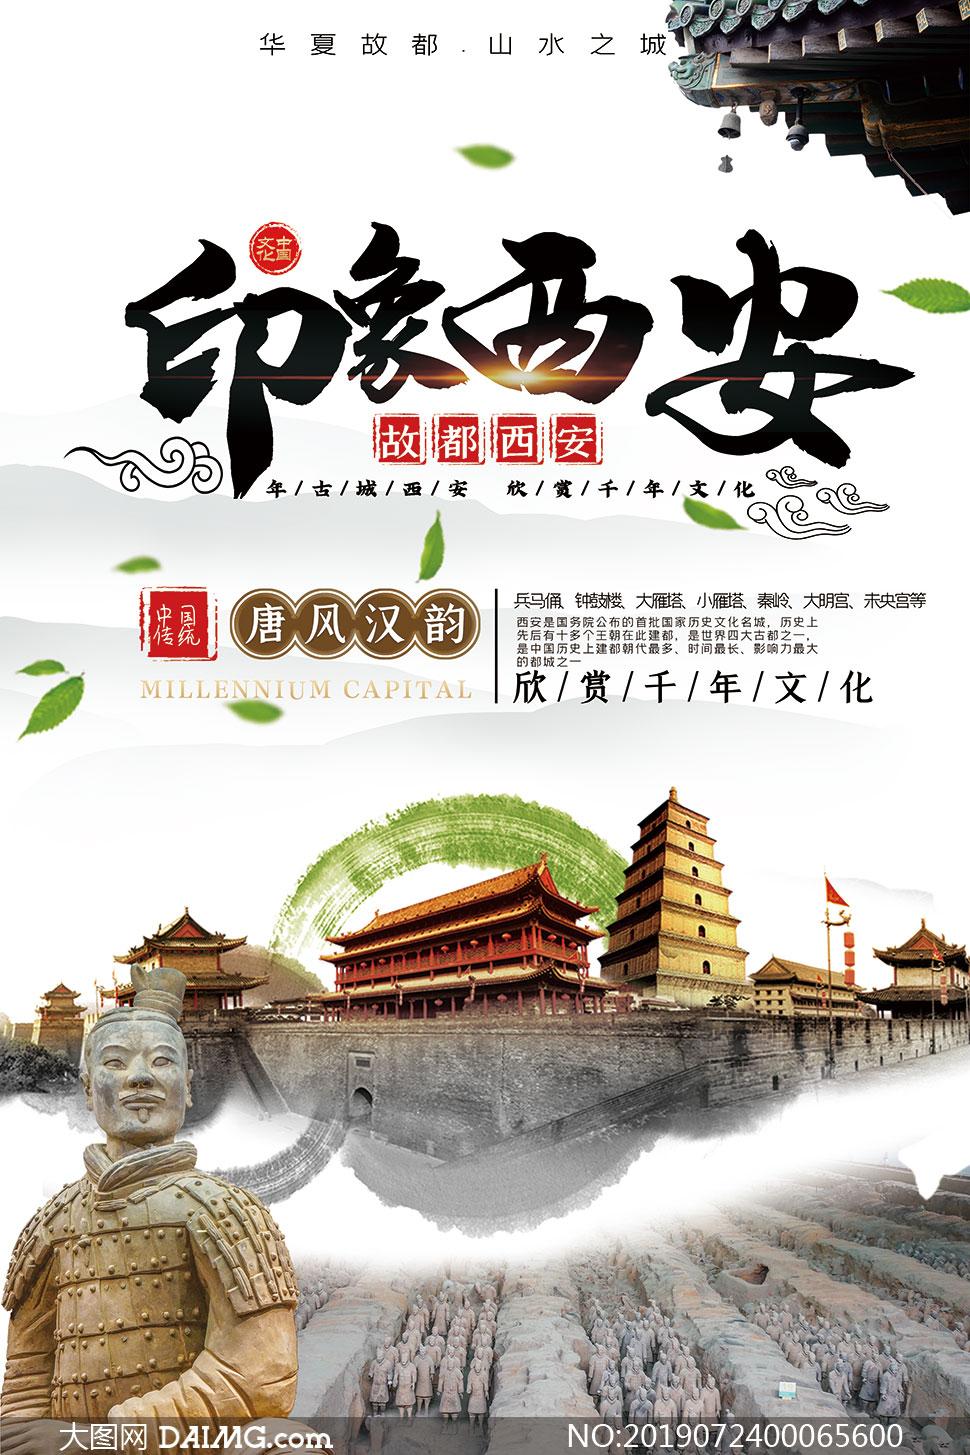 中国风西安旅游宣传海报设计PSD素材